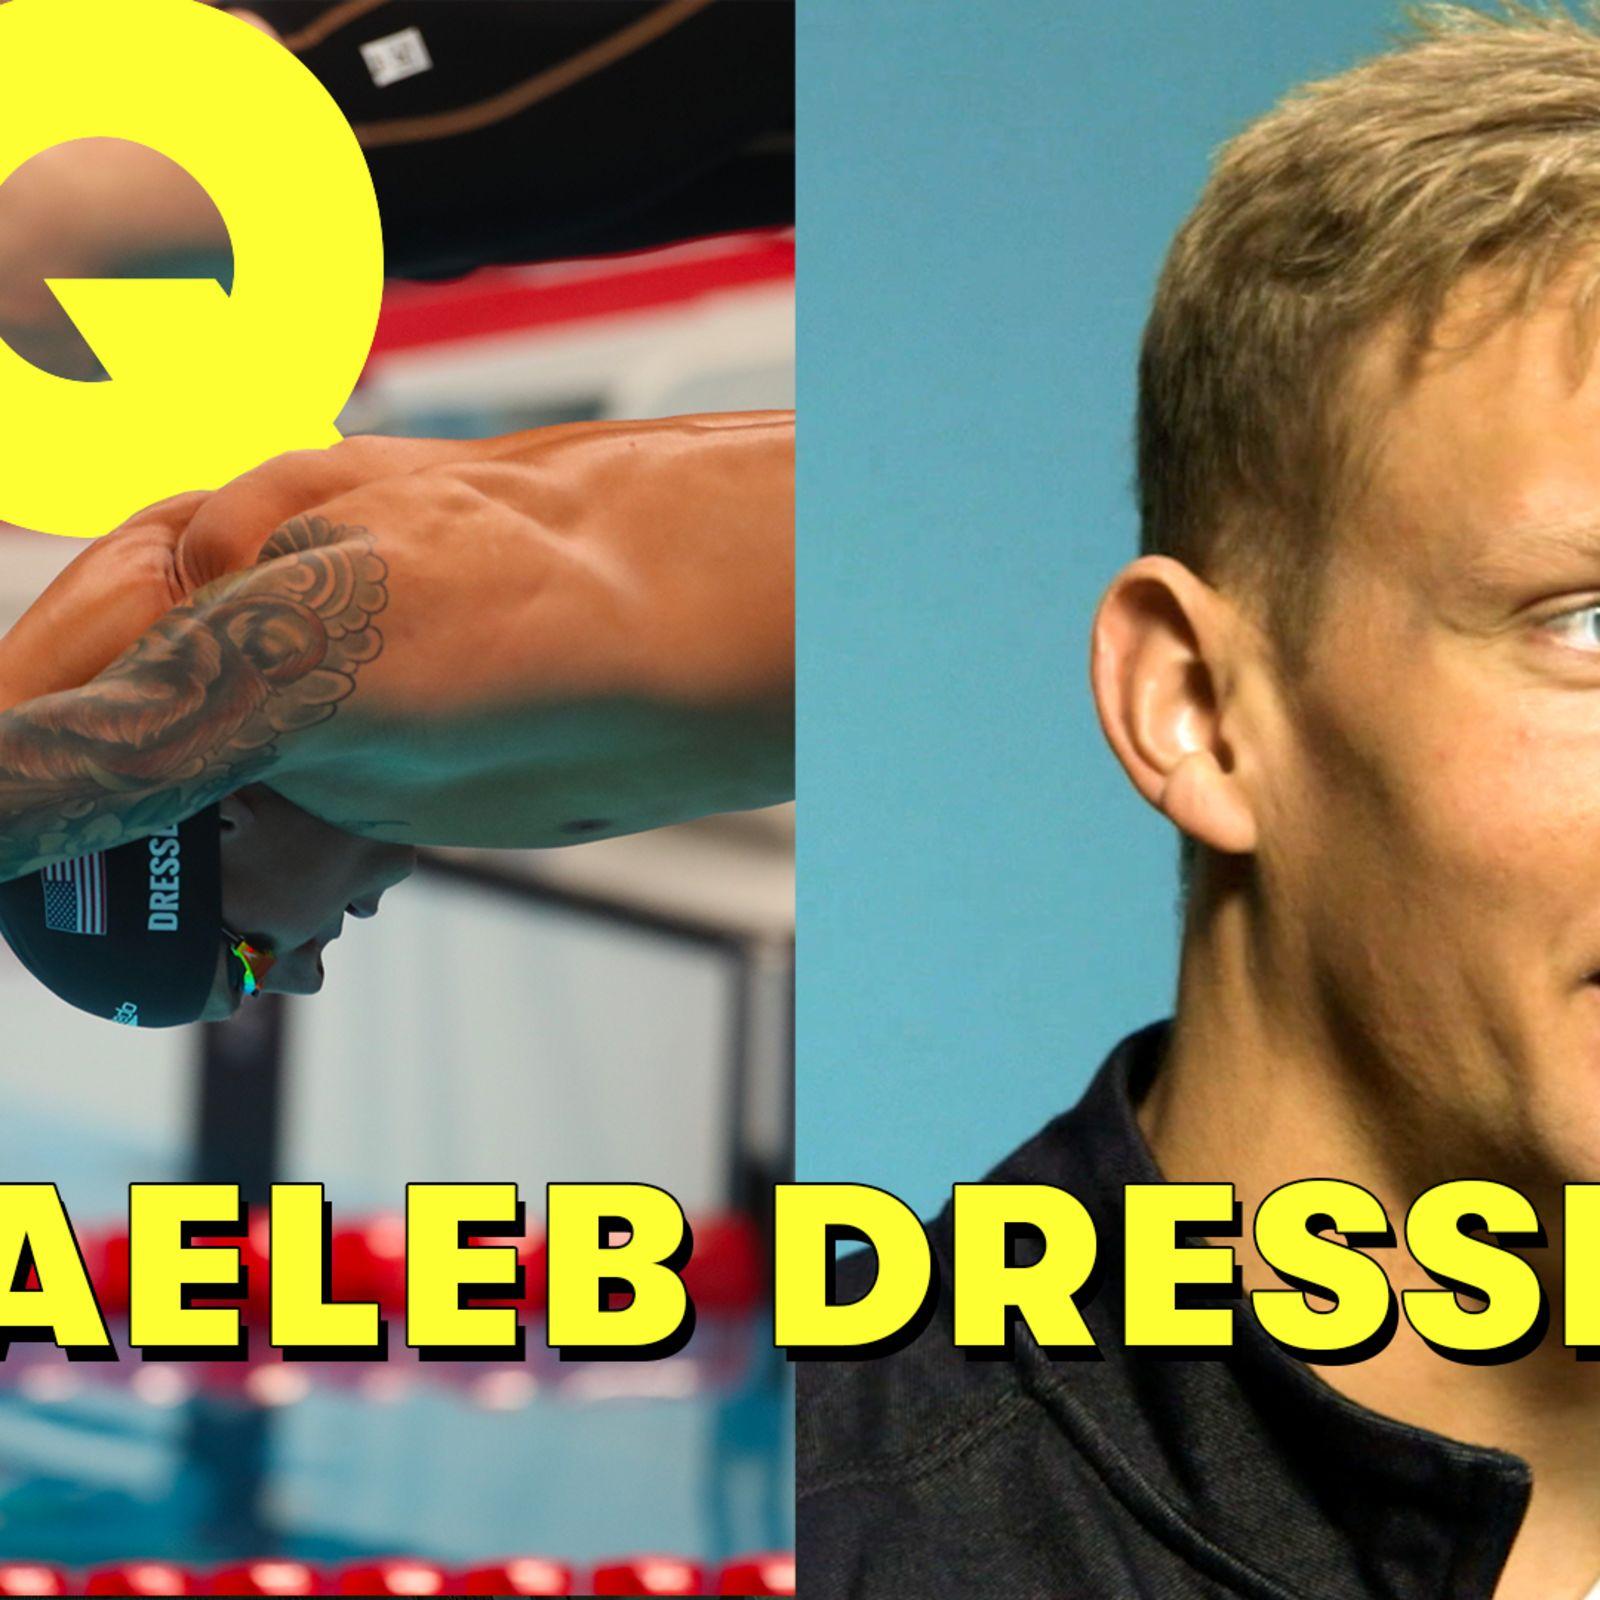 Le nageur olympique Caeleb Dressel décrypte des scènes de natation au cinéma